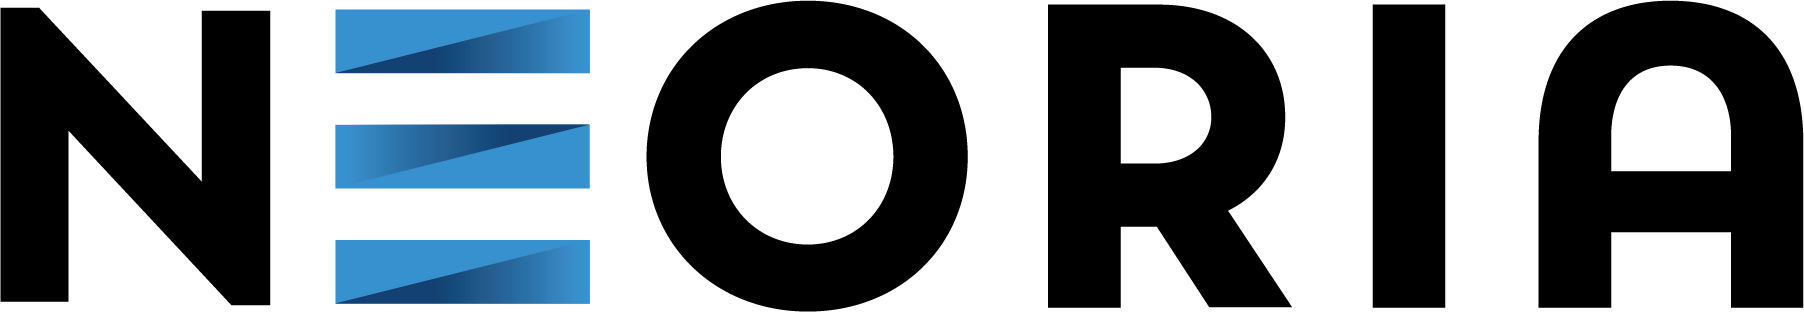 Neoria